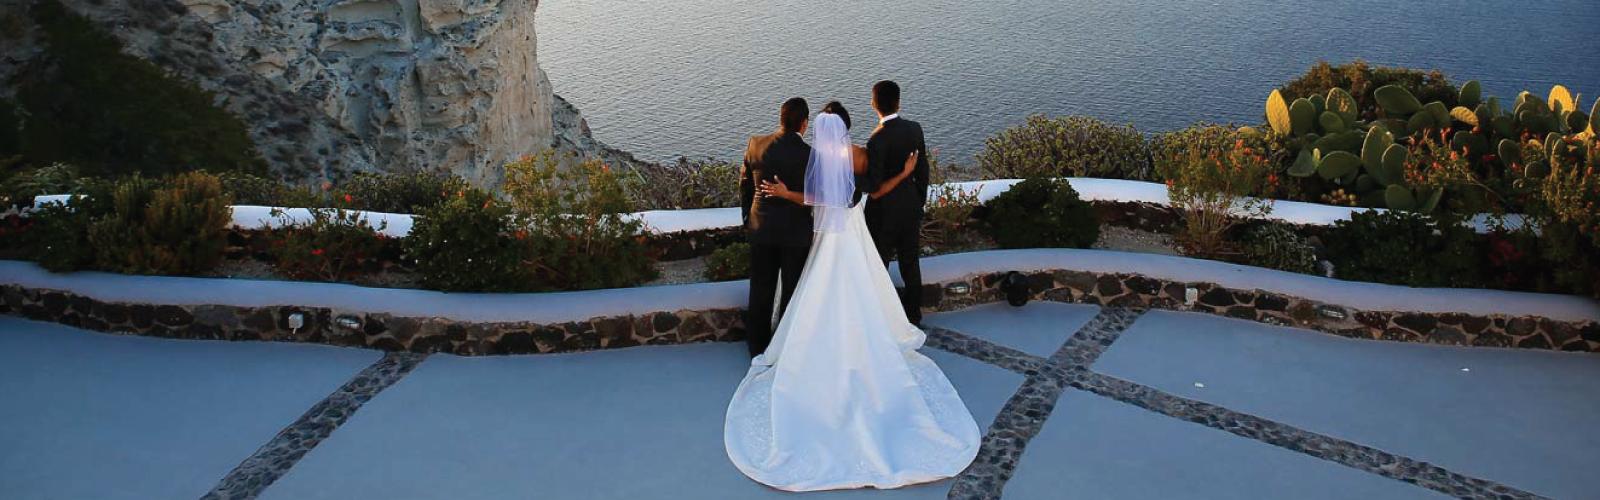 matrimoni in grecia 04